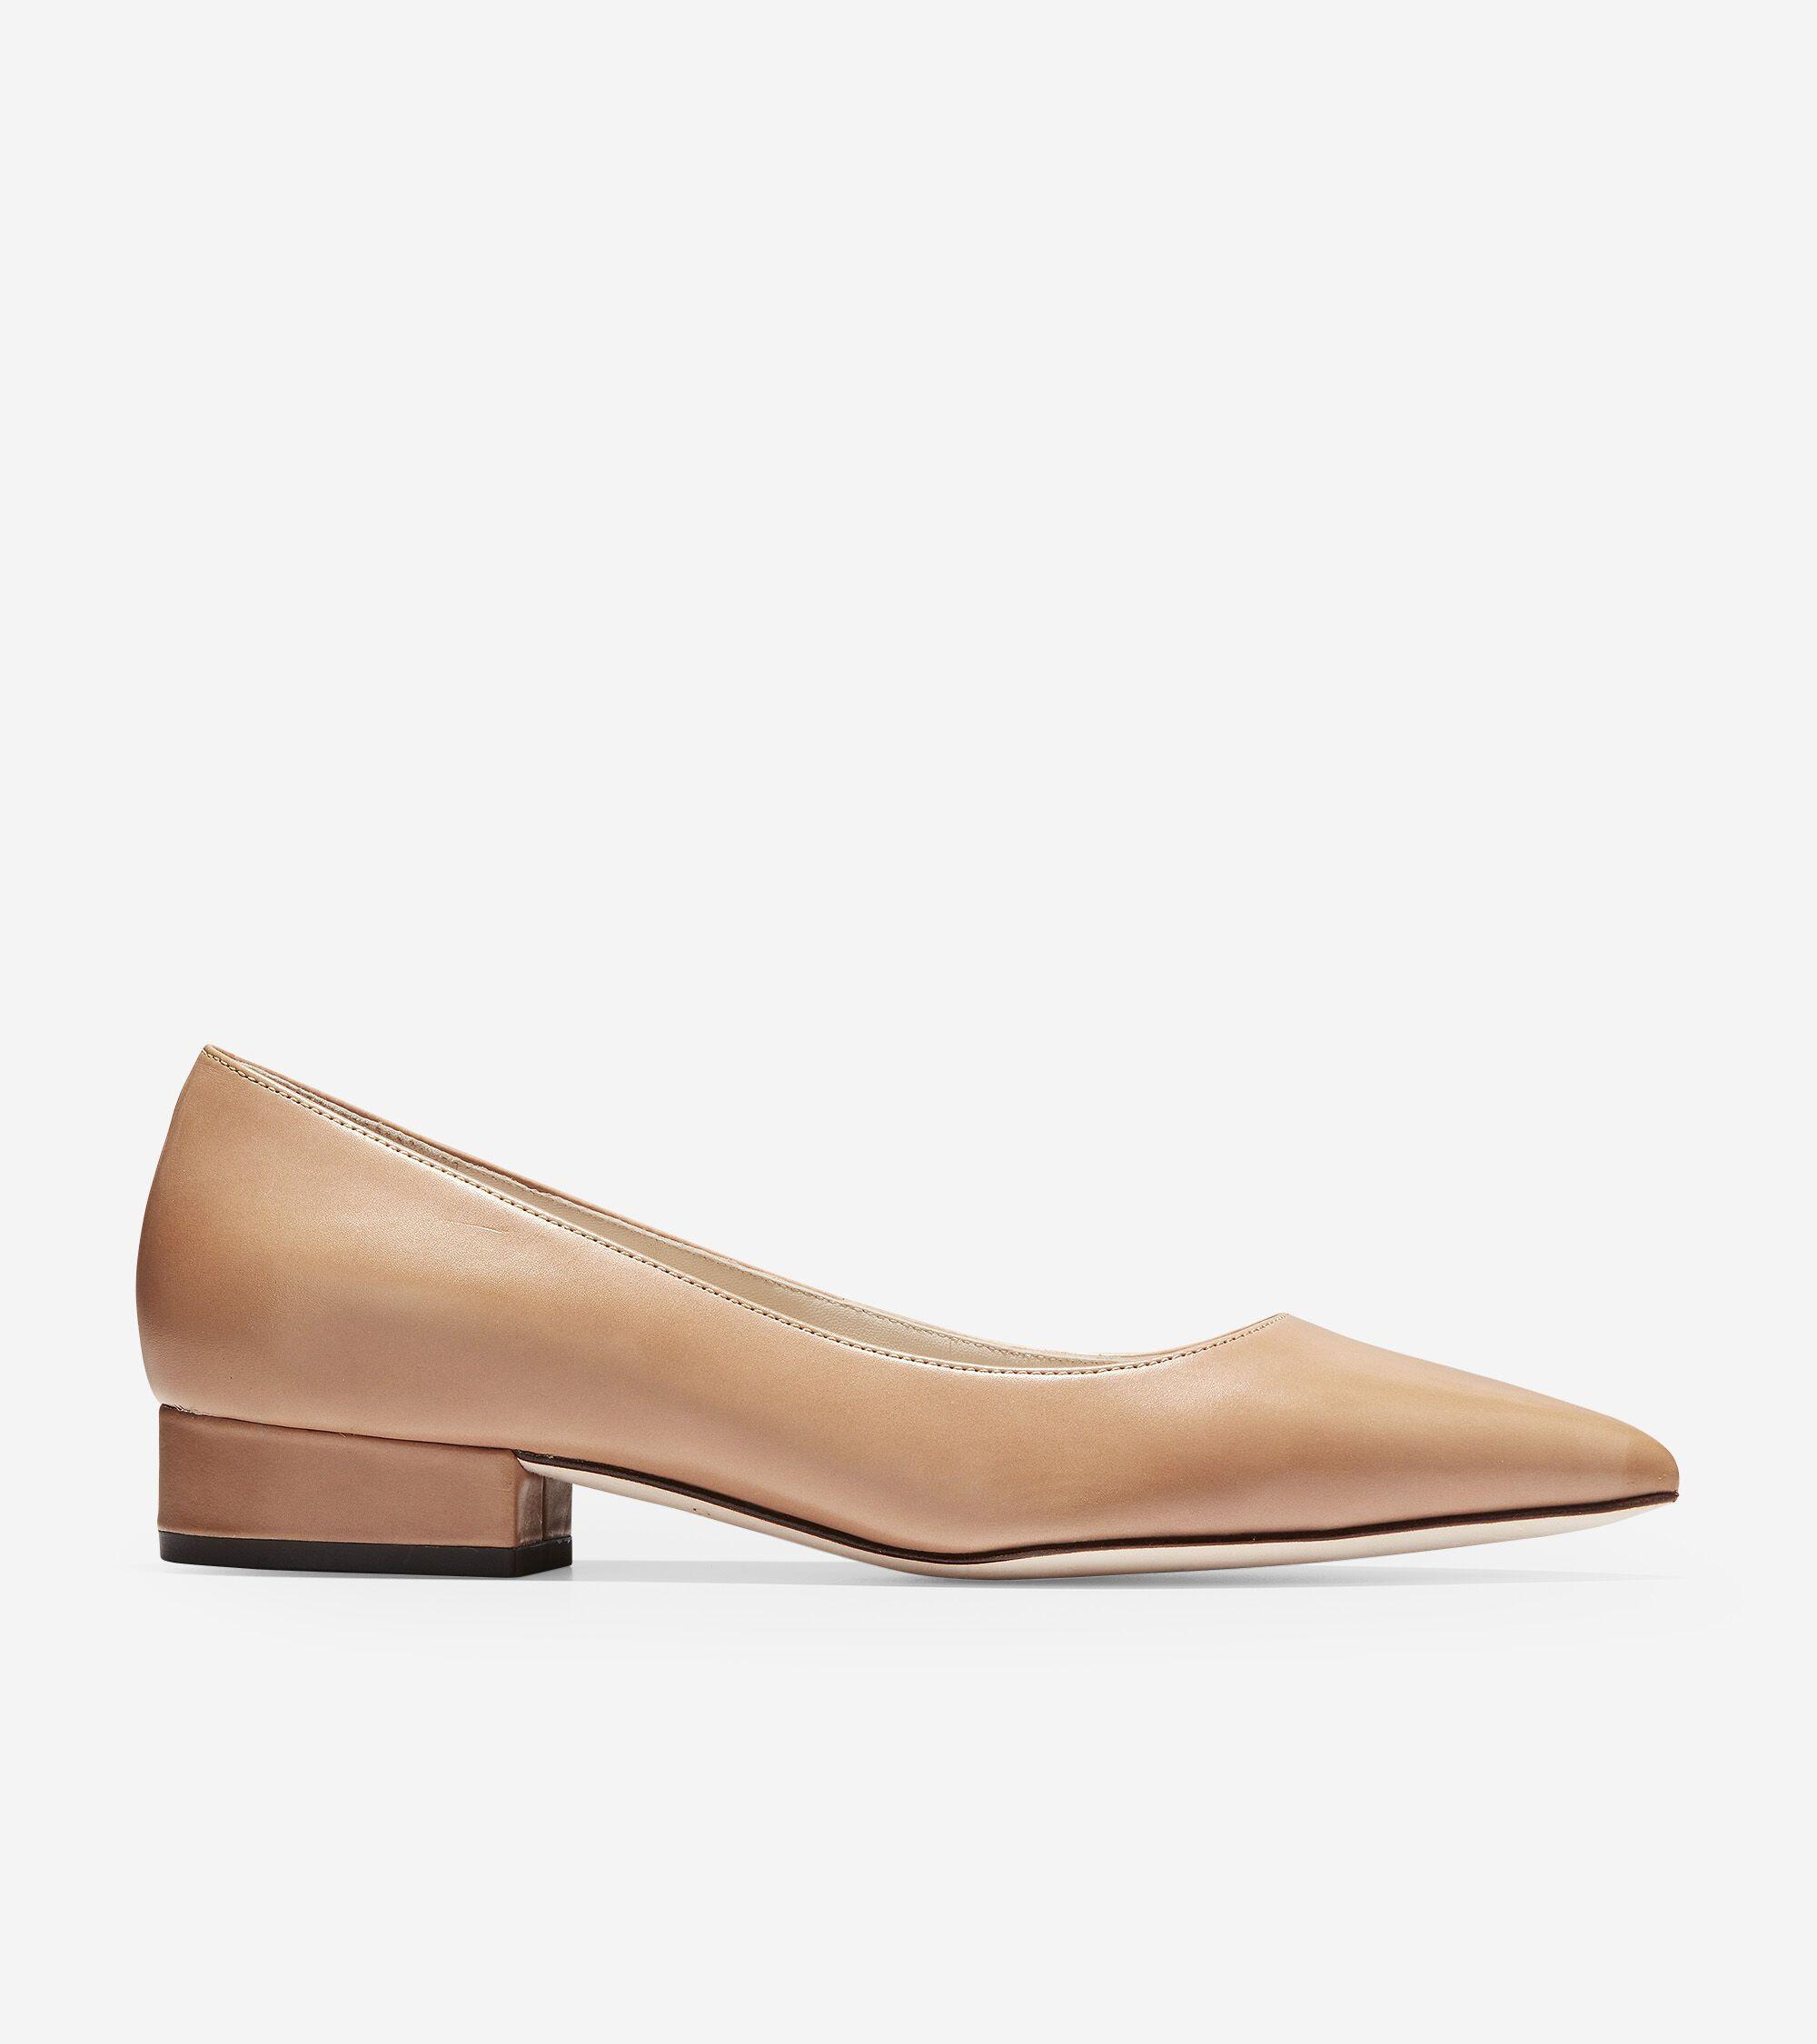 Women Cole Haan Shoes Vesta Skimmer Low Heel Casual Flats NEW